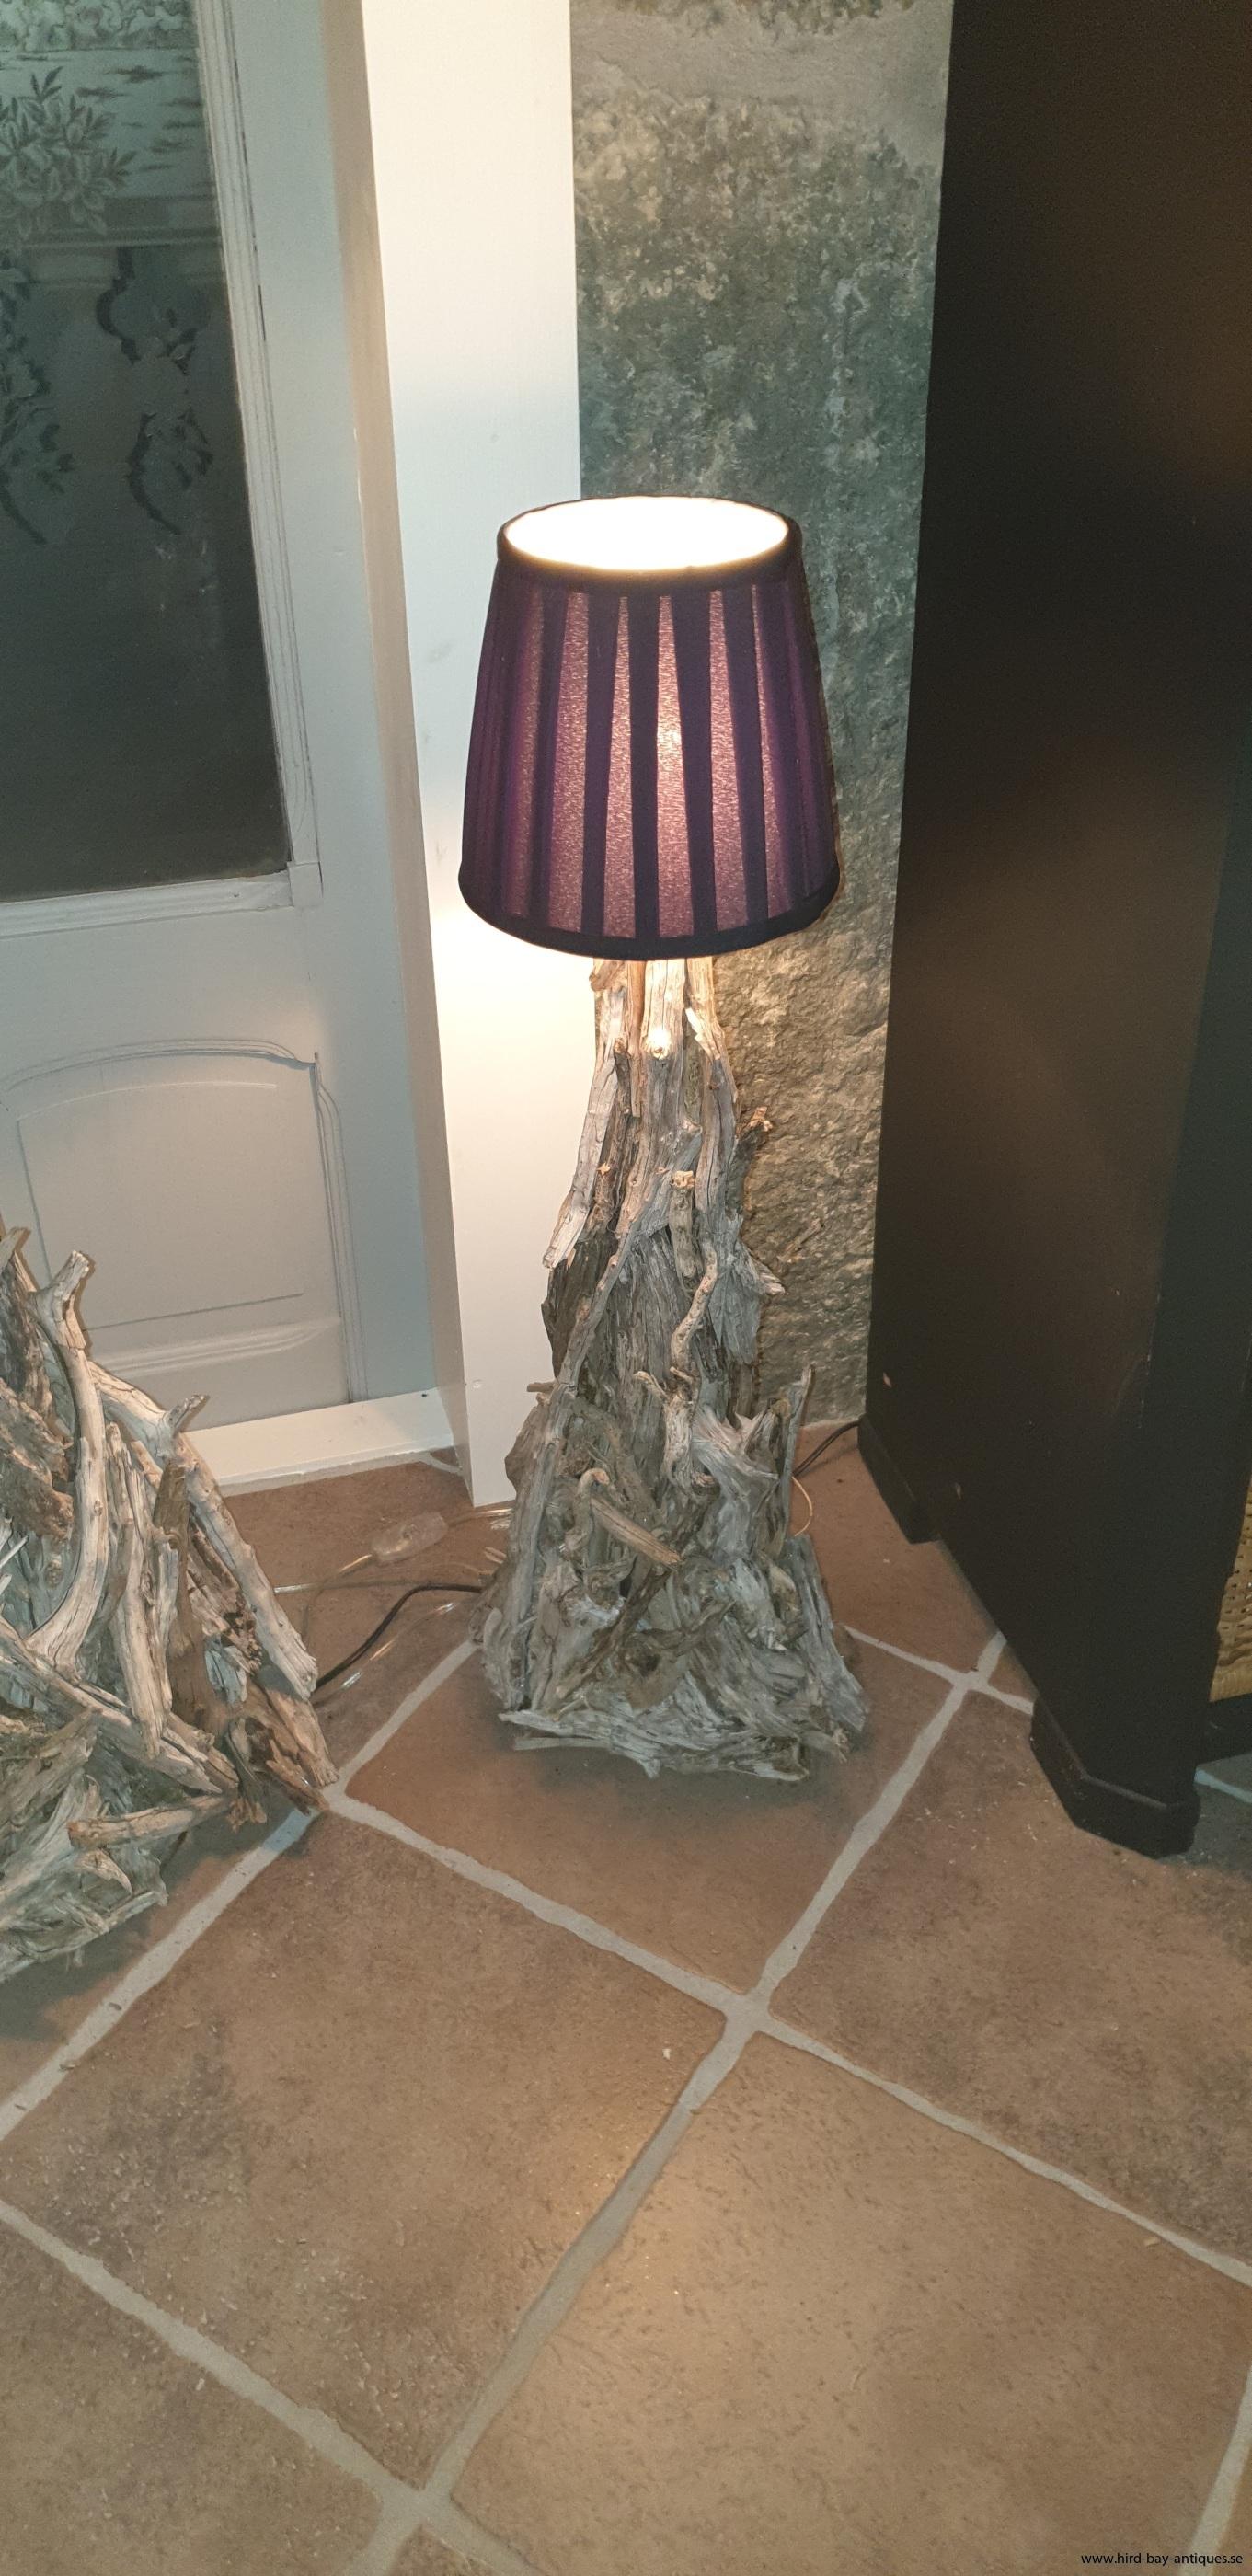 Lampa drivved